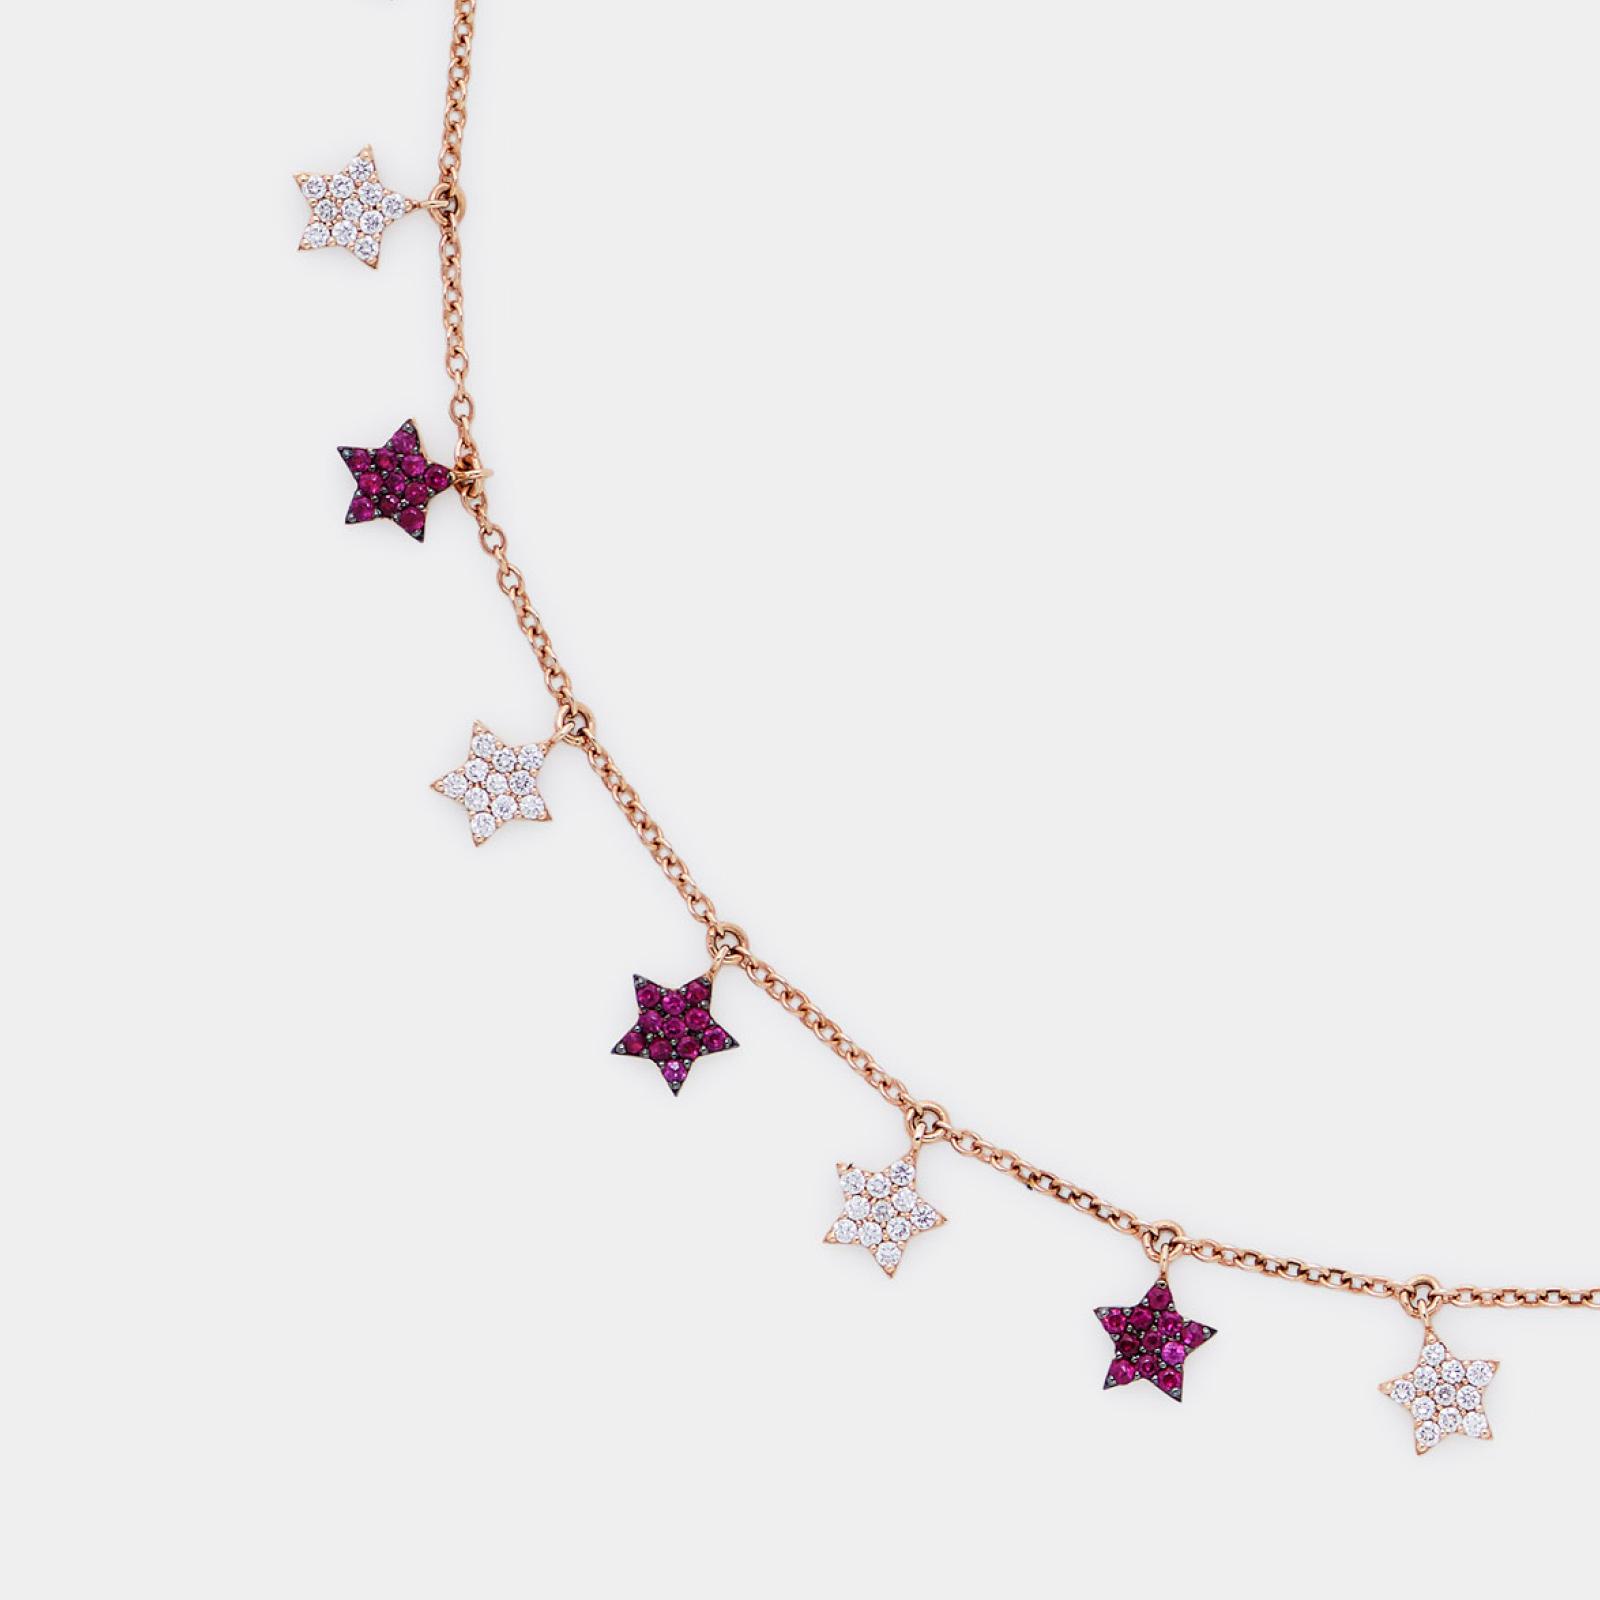 Girocollo in oro rosa con stelline in diamanti e rubini - Rosanna Cattolico gioielli